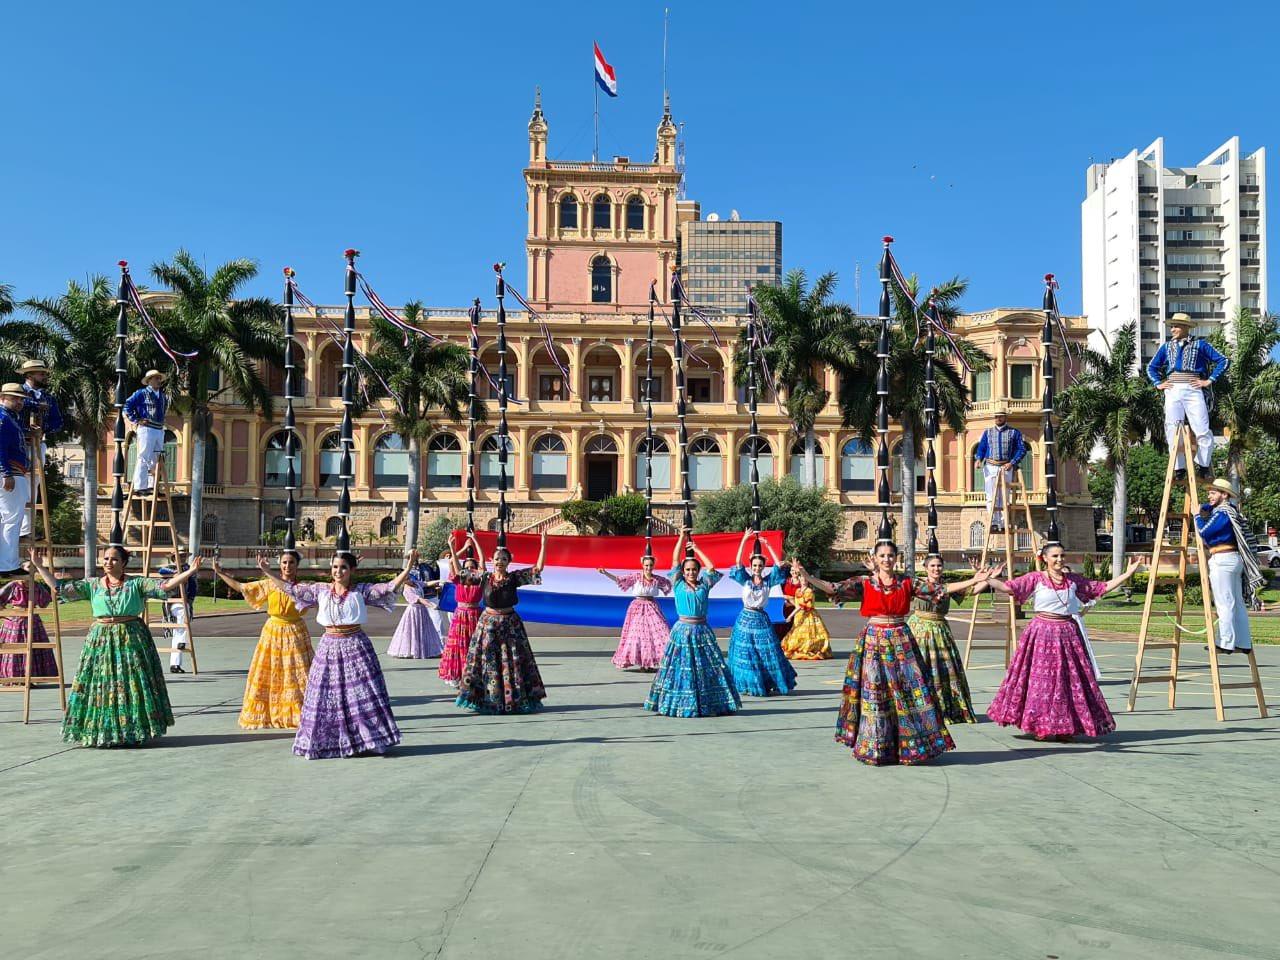 Paraguay Foto,Paraguay está en tendencia en Twitter - Los tweets más populares